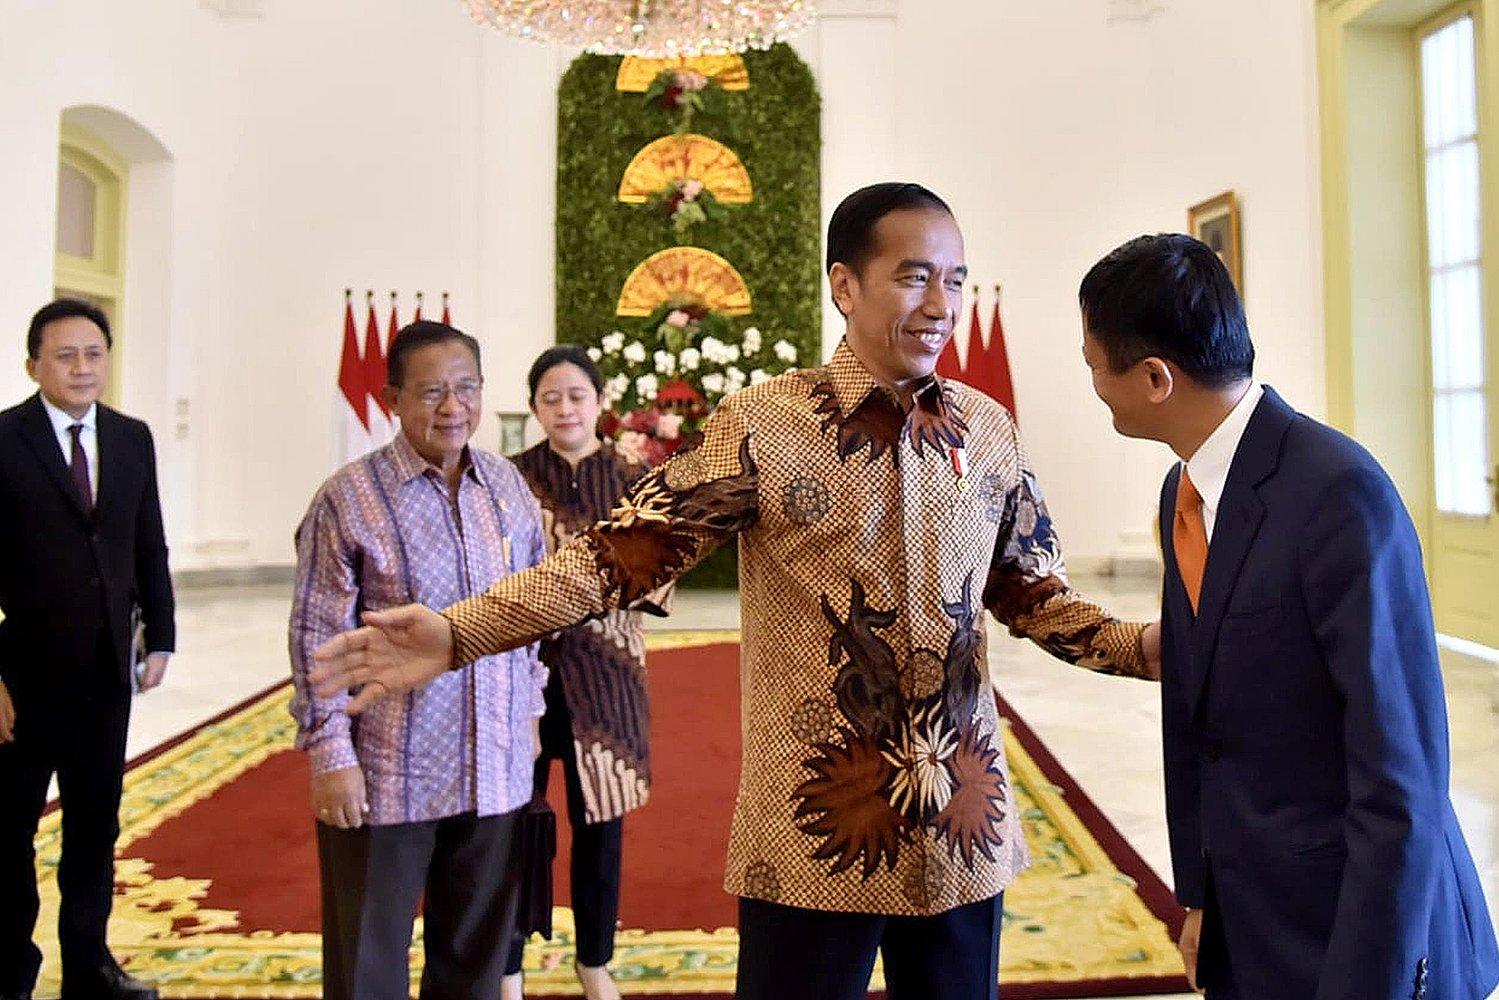 Presiden Joko Widodo (Jokowi) dan sejumlah menteri Kabinet Kerja menjamu pendiri dan CEO Alibaba Group, Jack Ma.